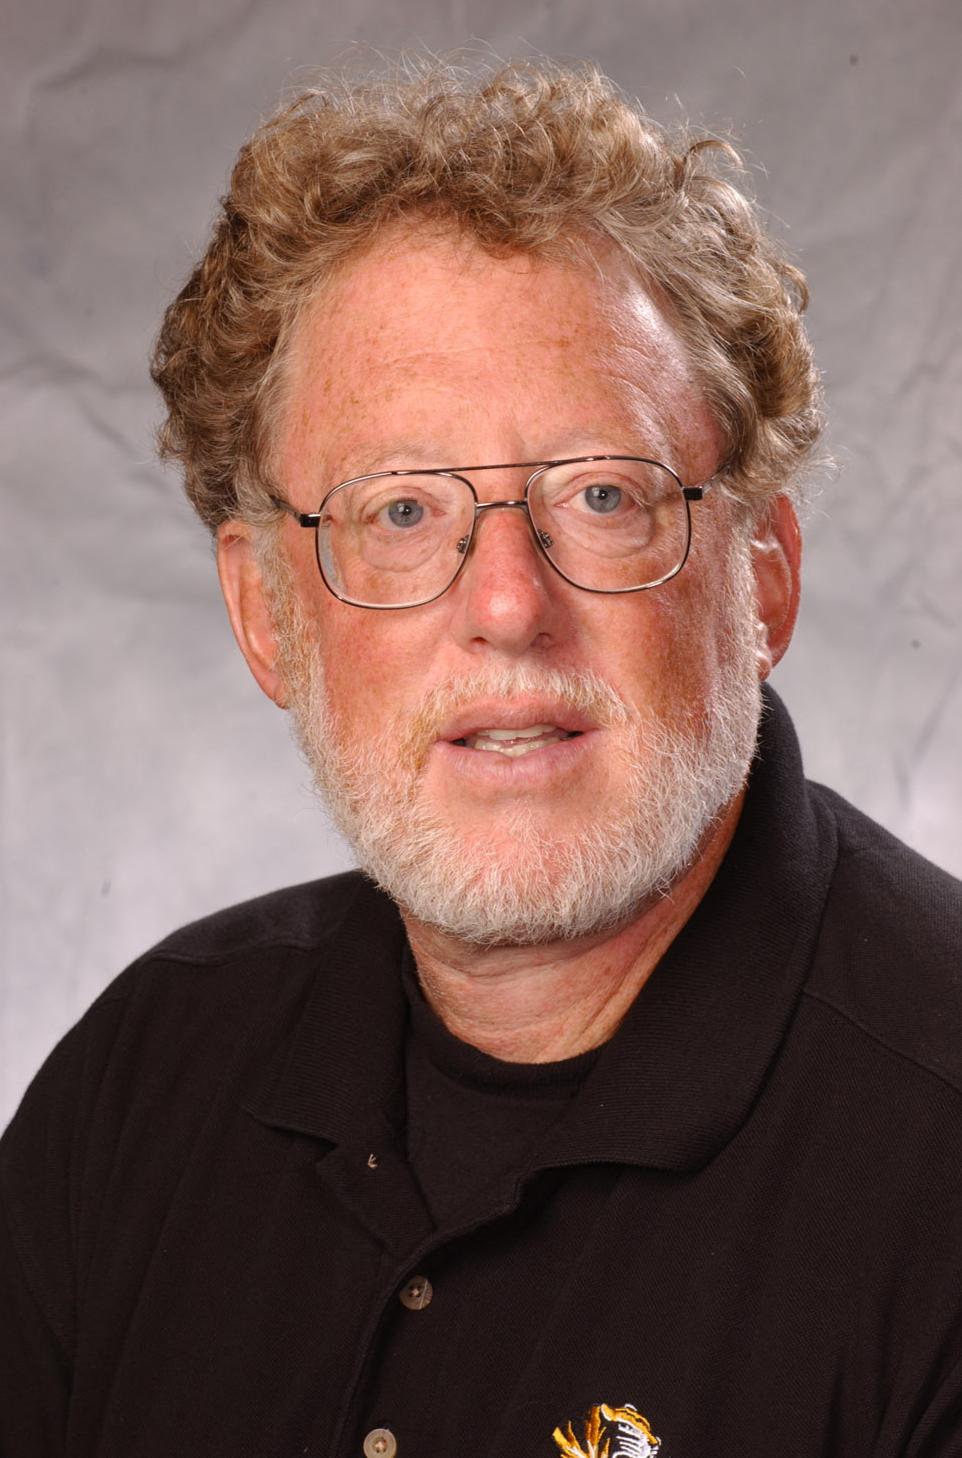 Steve Weinbrg